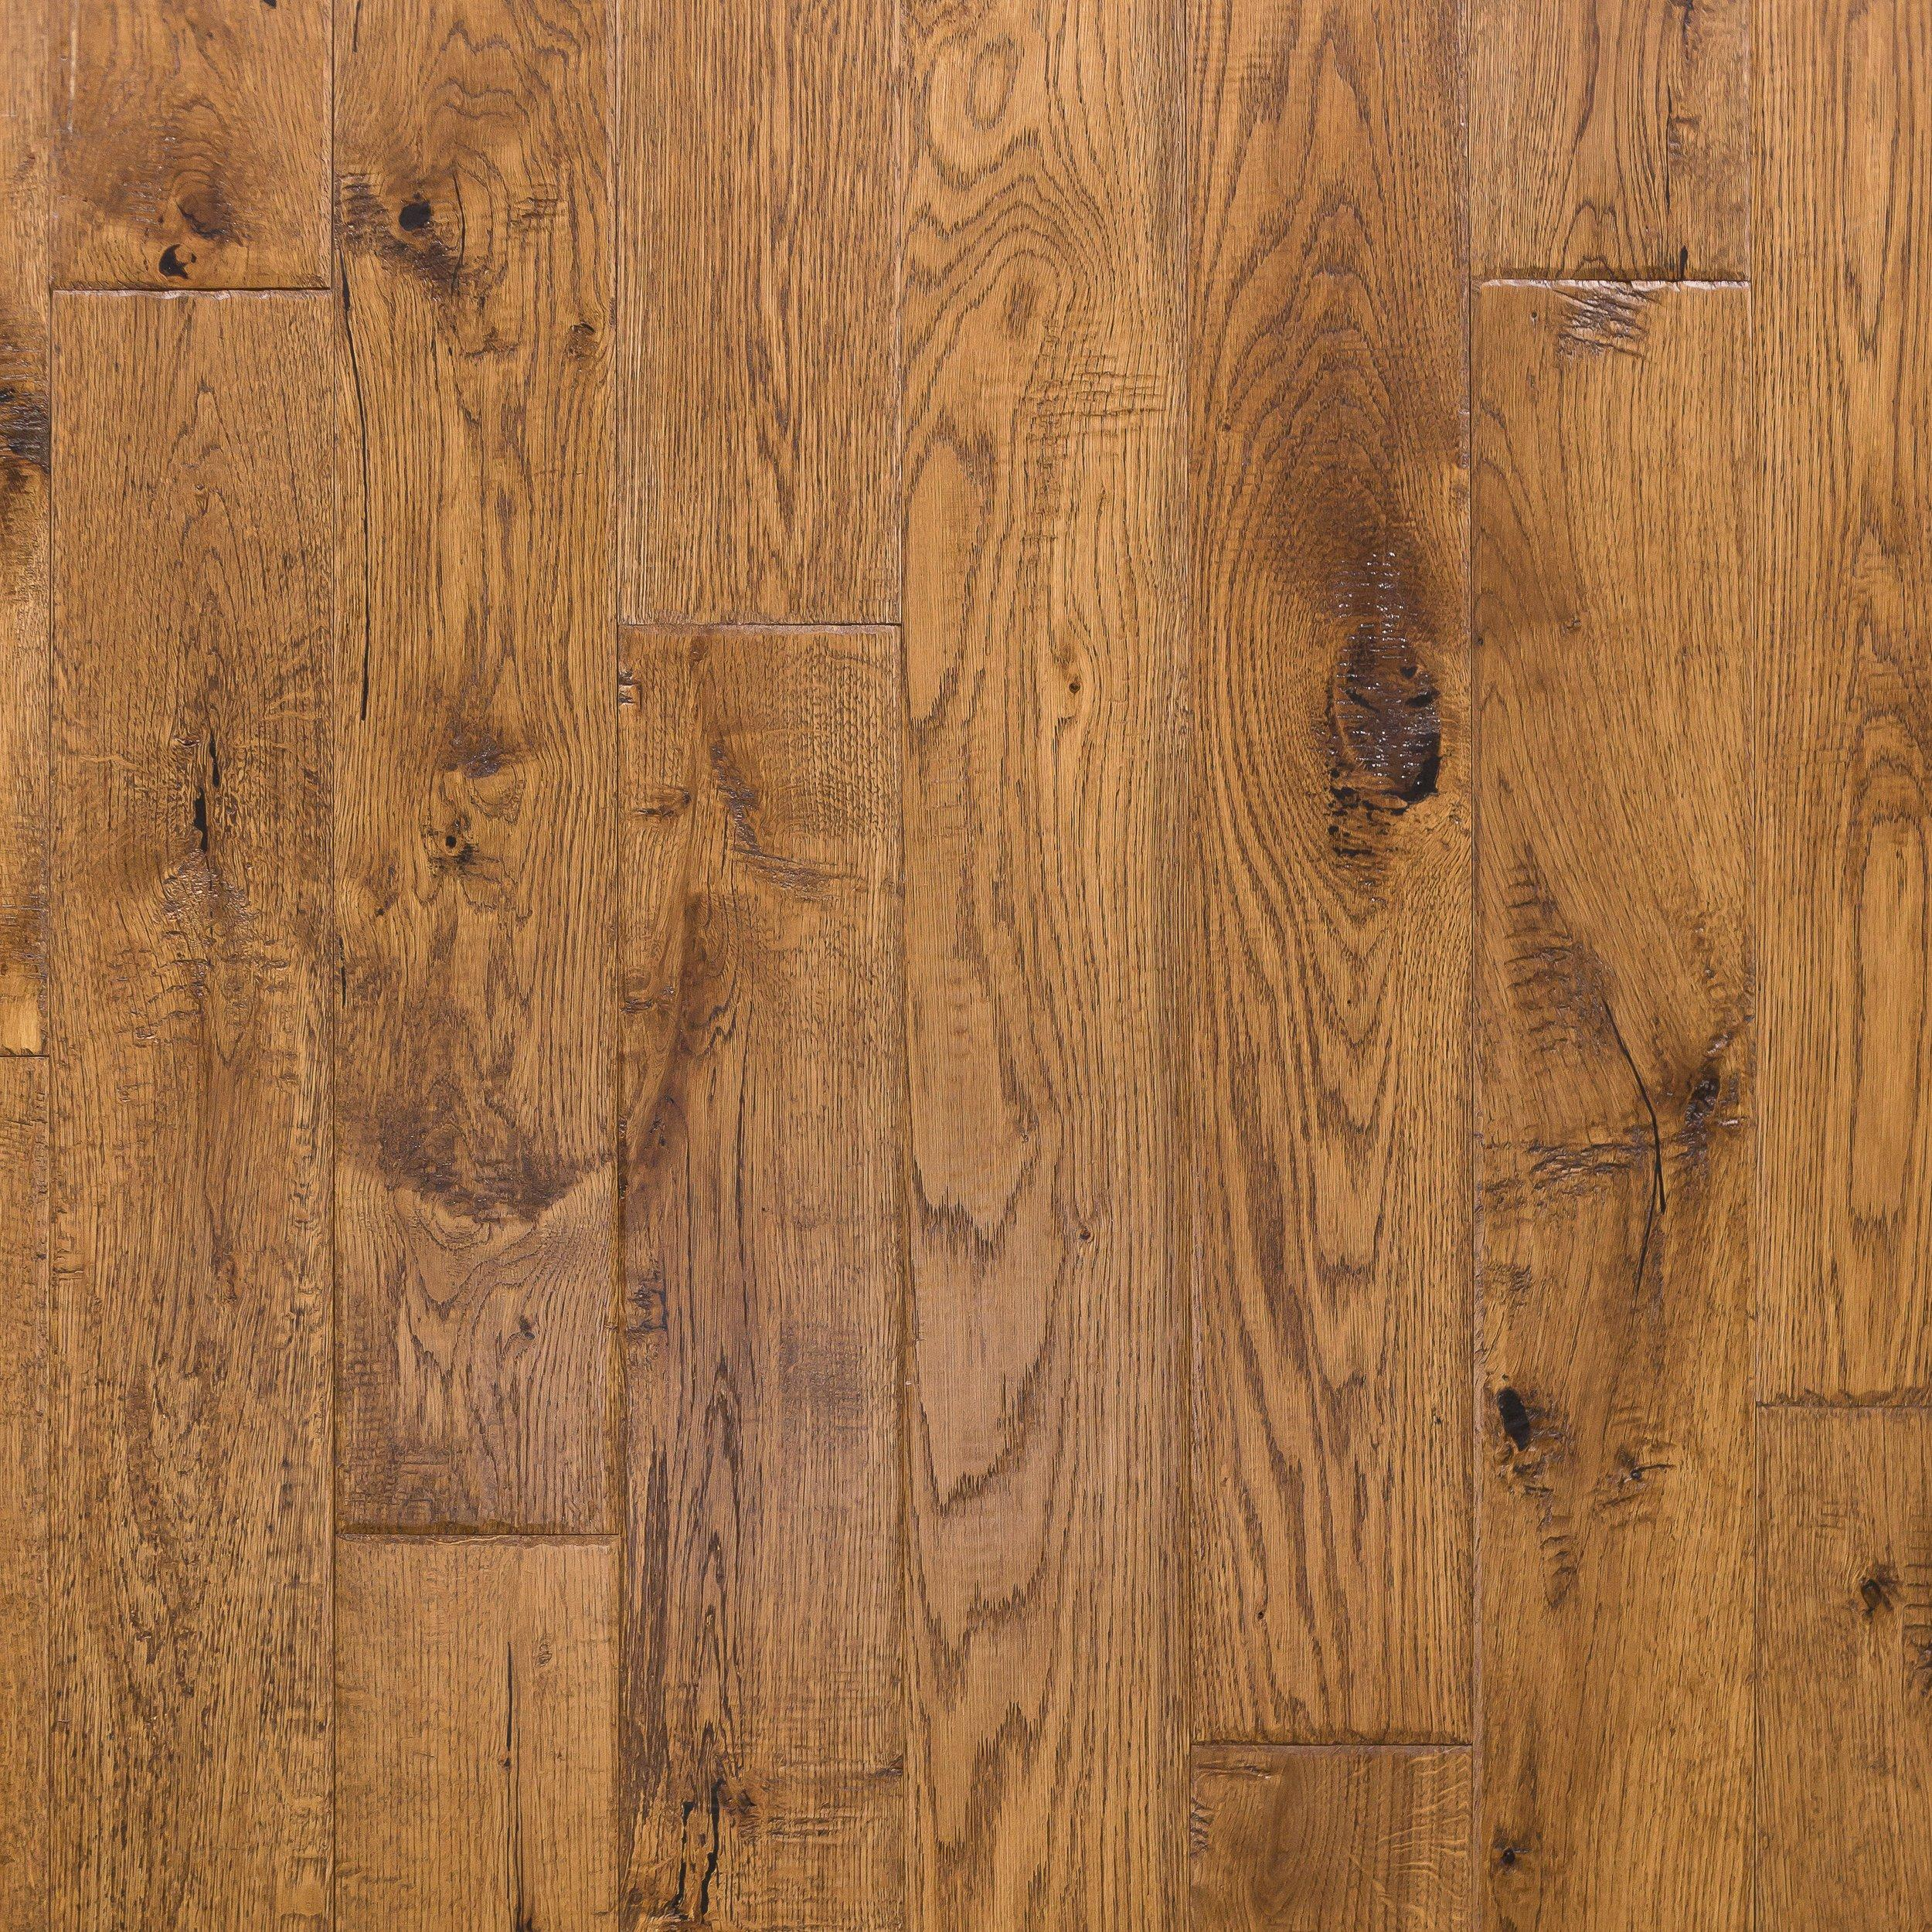 honey oak hand scraped solid hardwood 58in x 4 34in floor and decor - Hand Scraped Hardwood